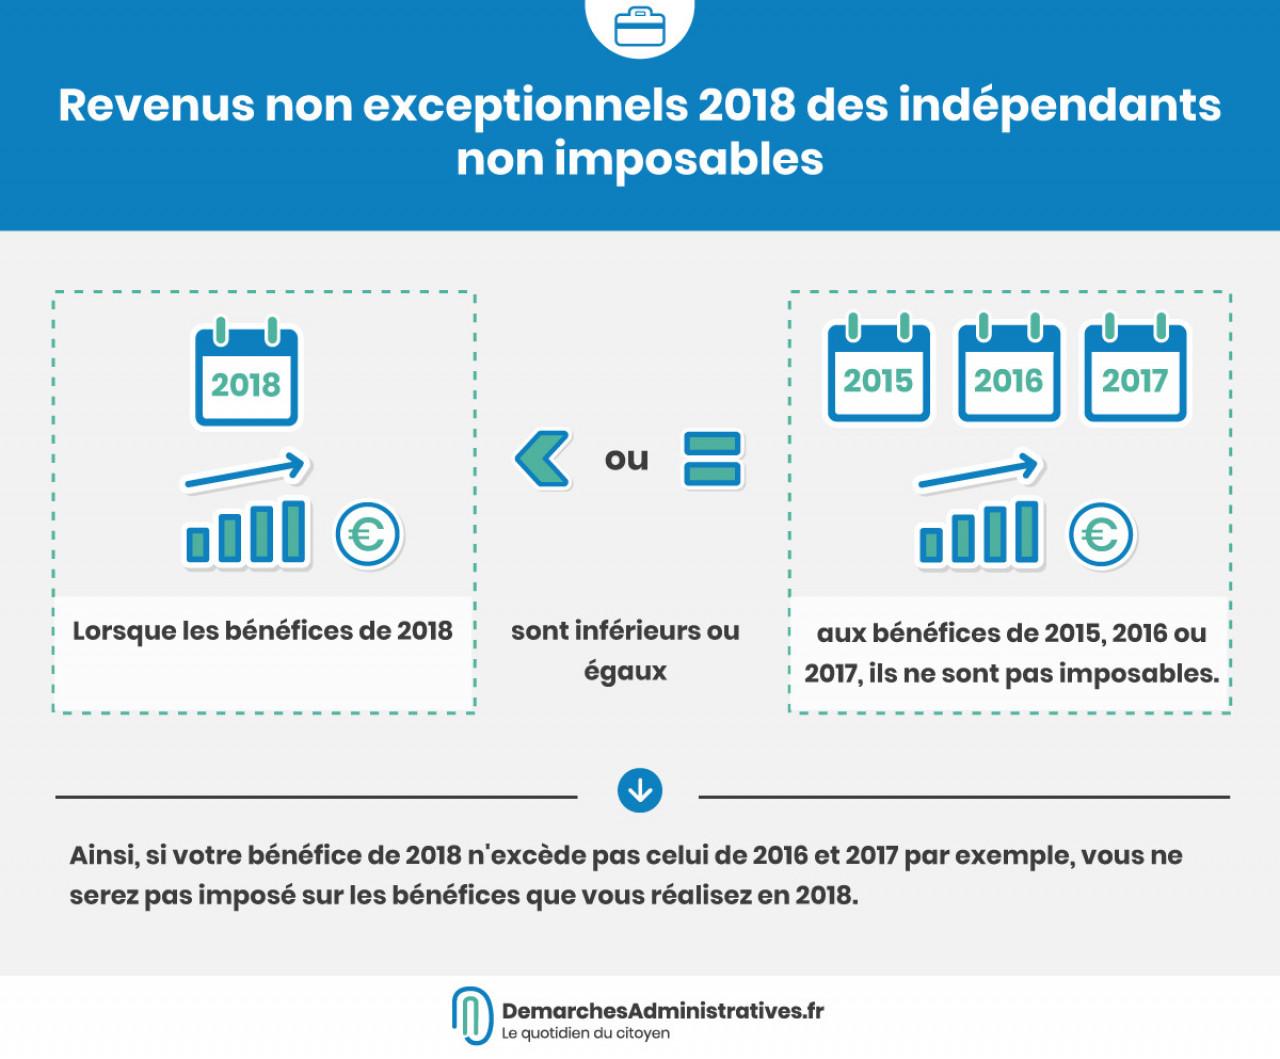 Revenus non exceptionnels 2018 des indépendants non imposables